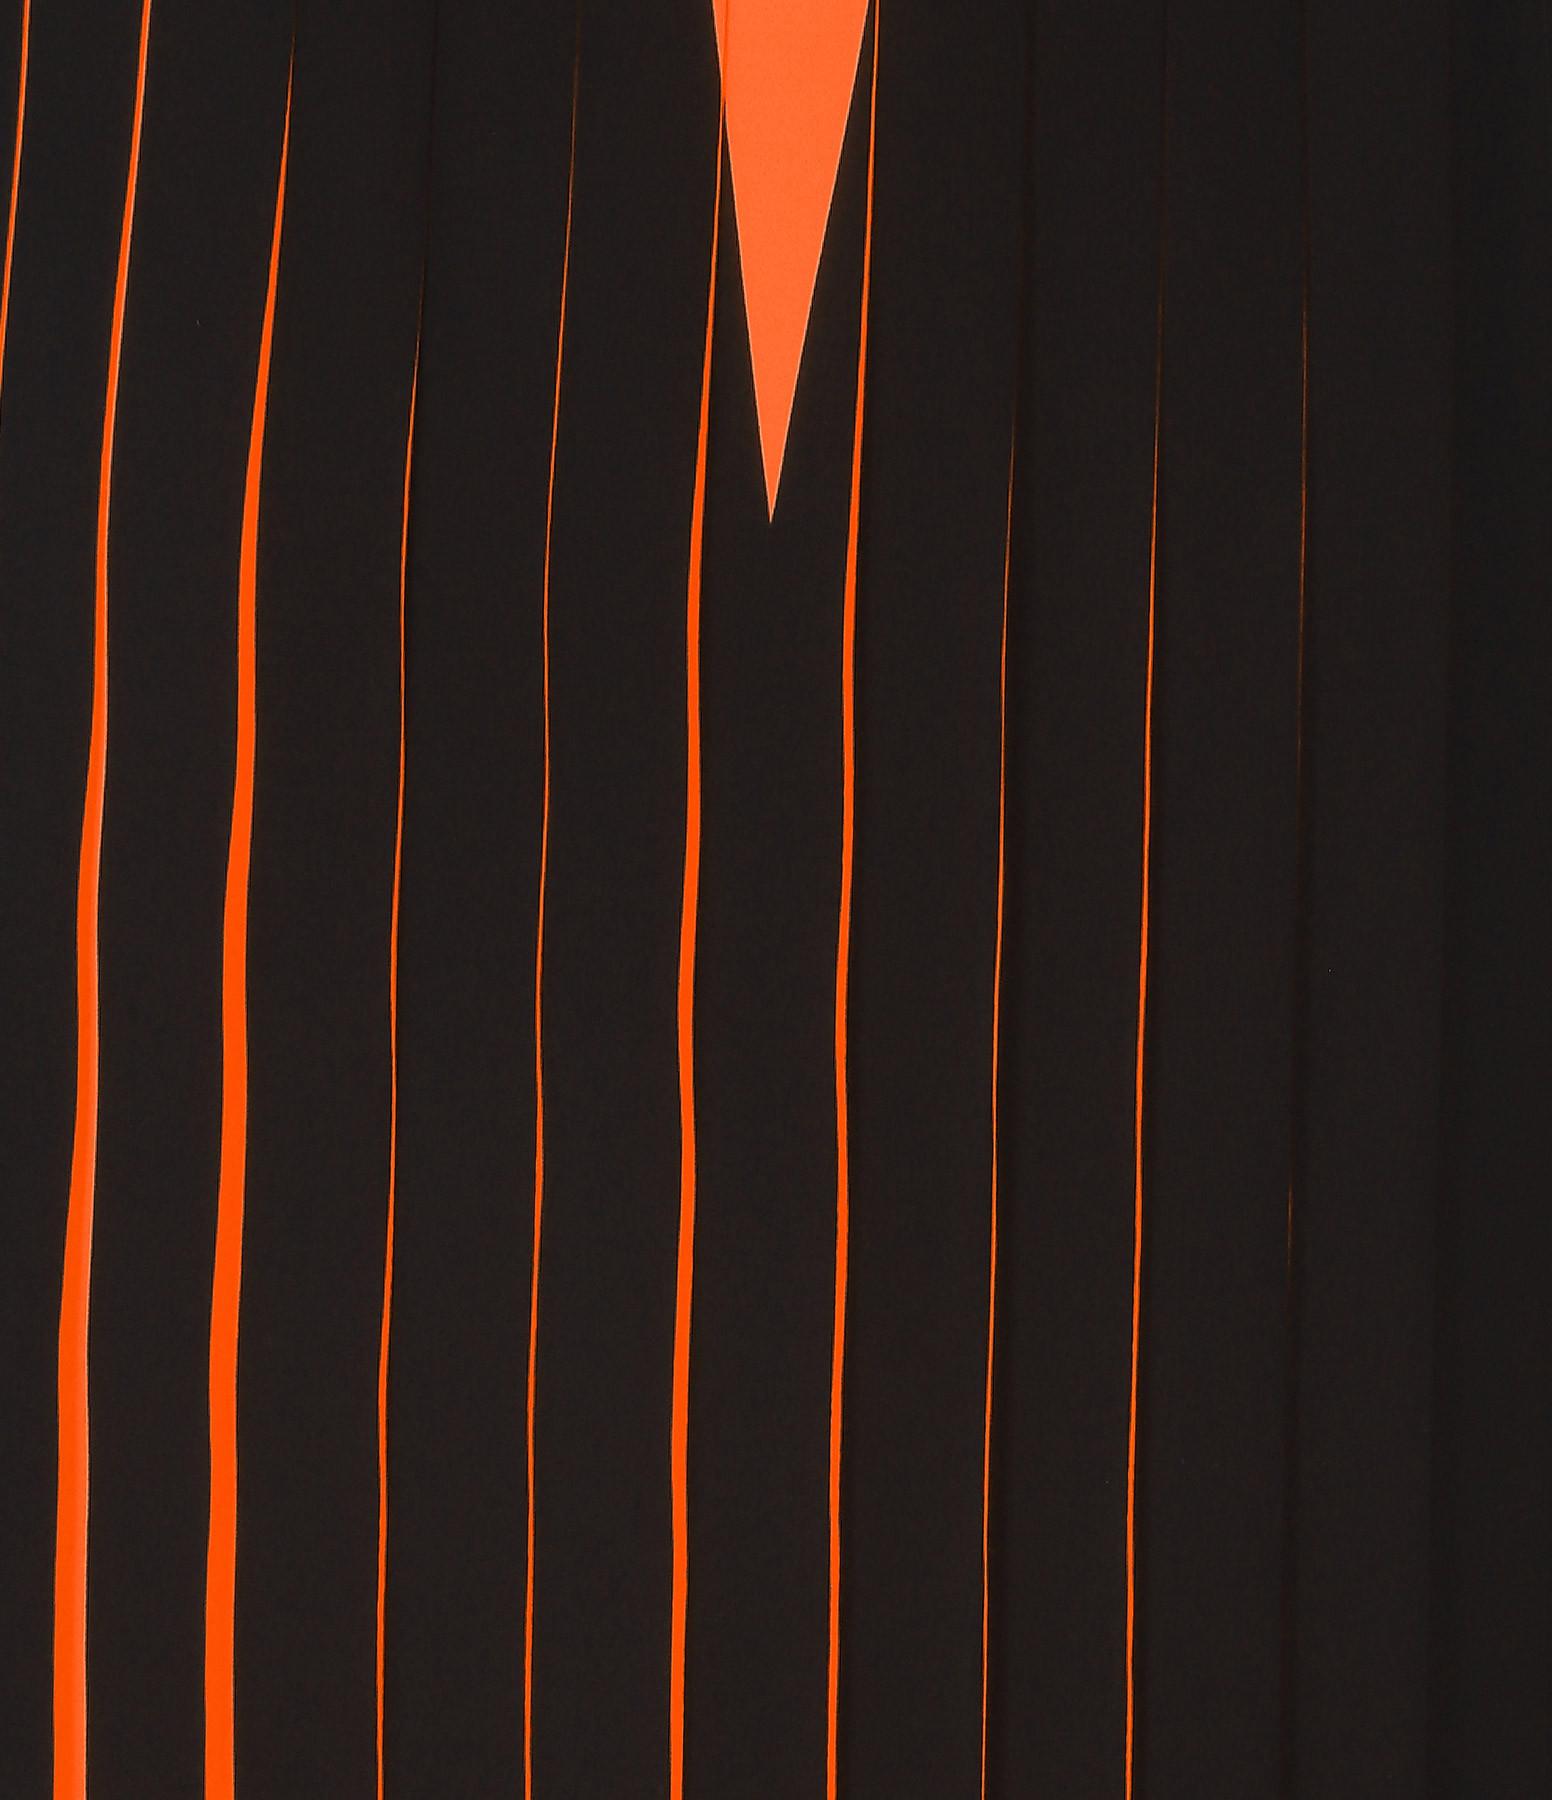 MM6 MAISON MARGIELA - Jupe Plissée Orange Fluo